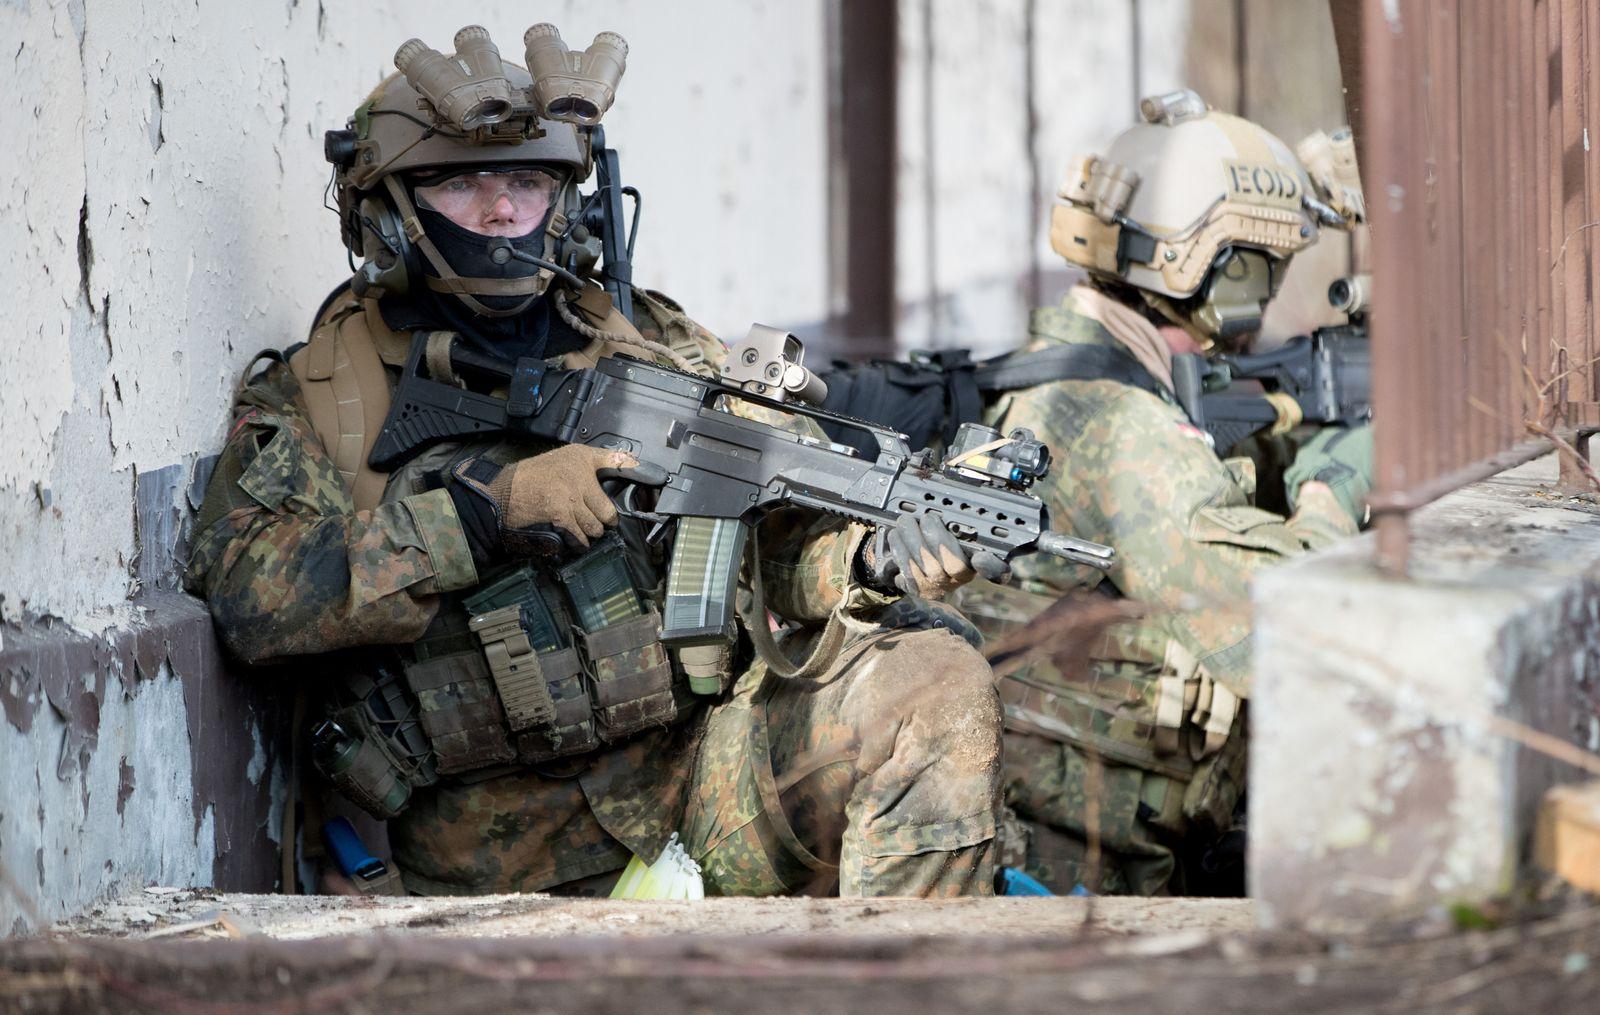 Kommando Spezialkräfte der Bundeswehr